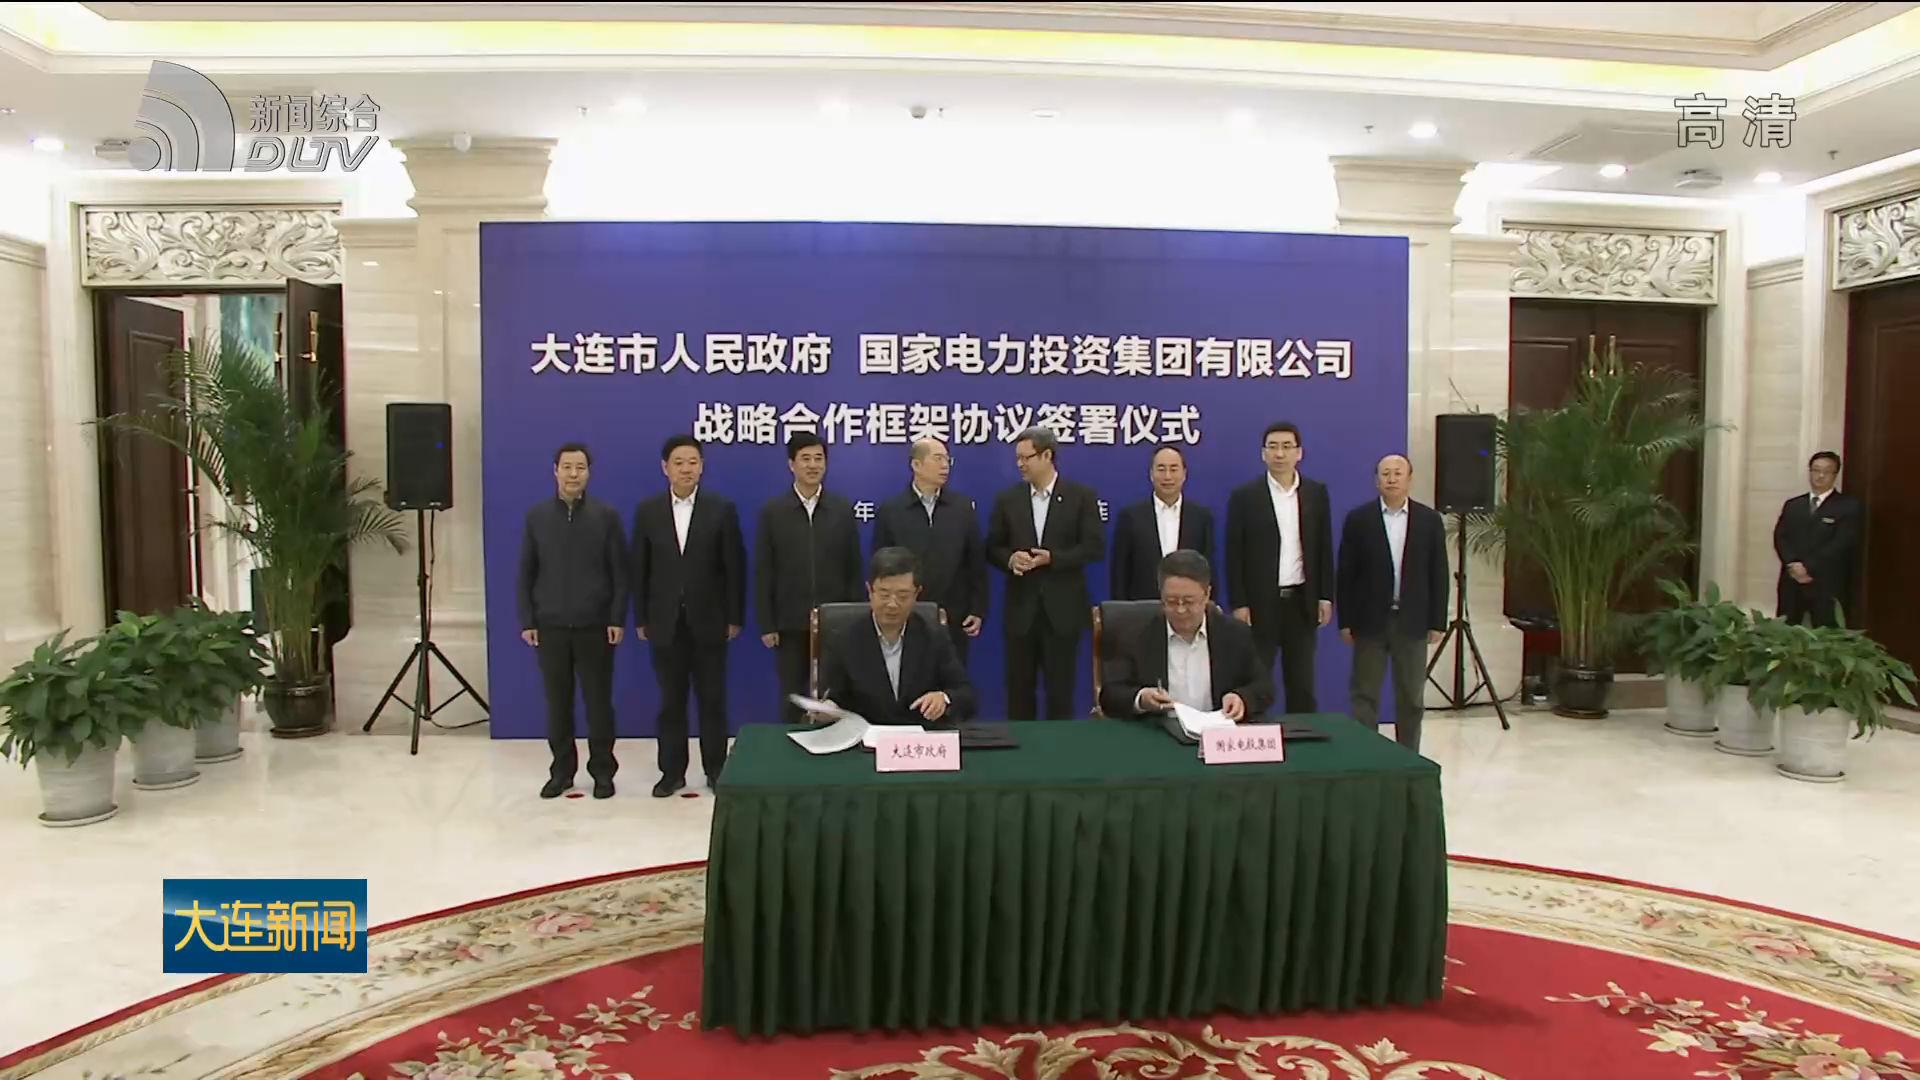 市政府與國家電投集團簽署戰略合作框架協議